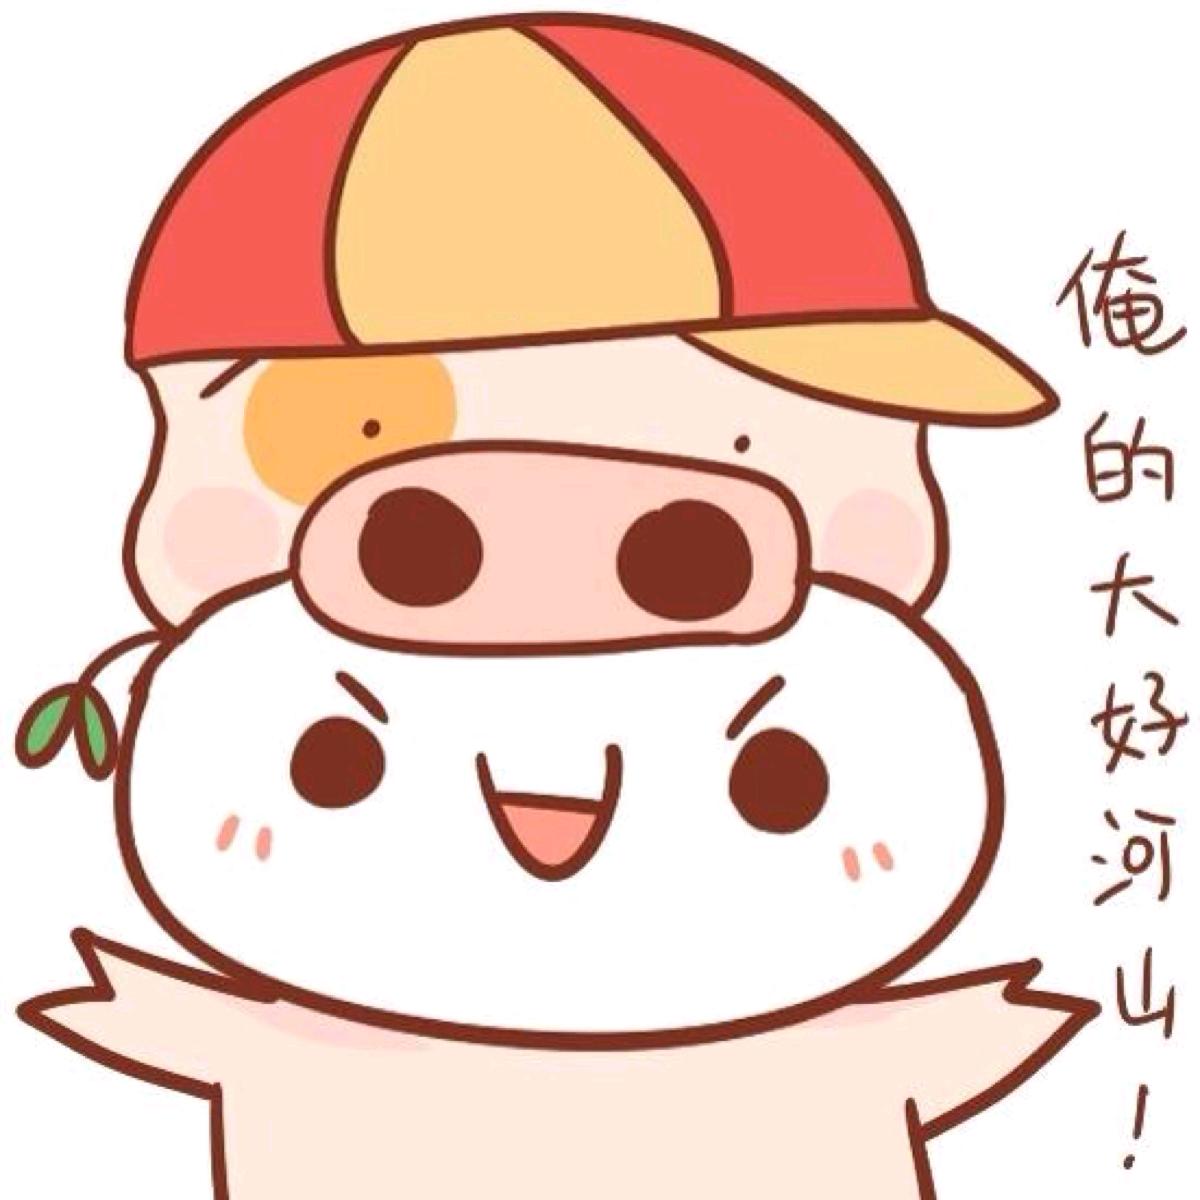 lydiazhang